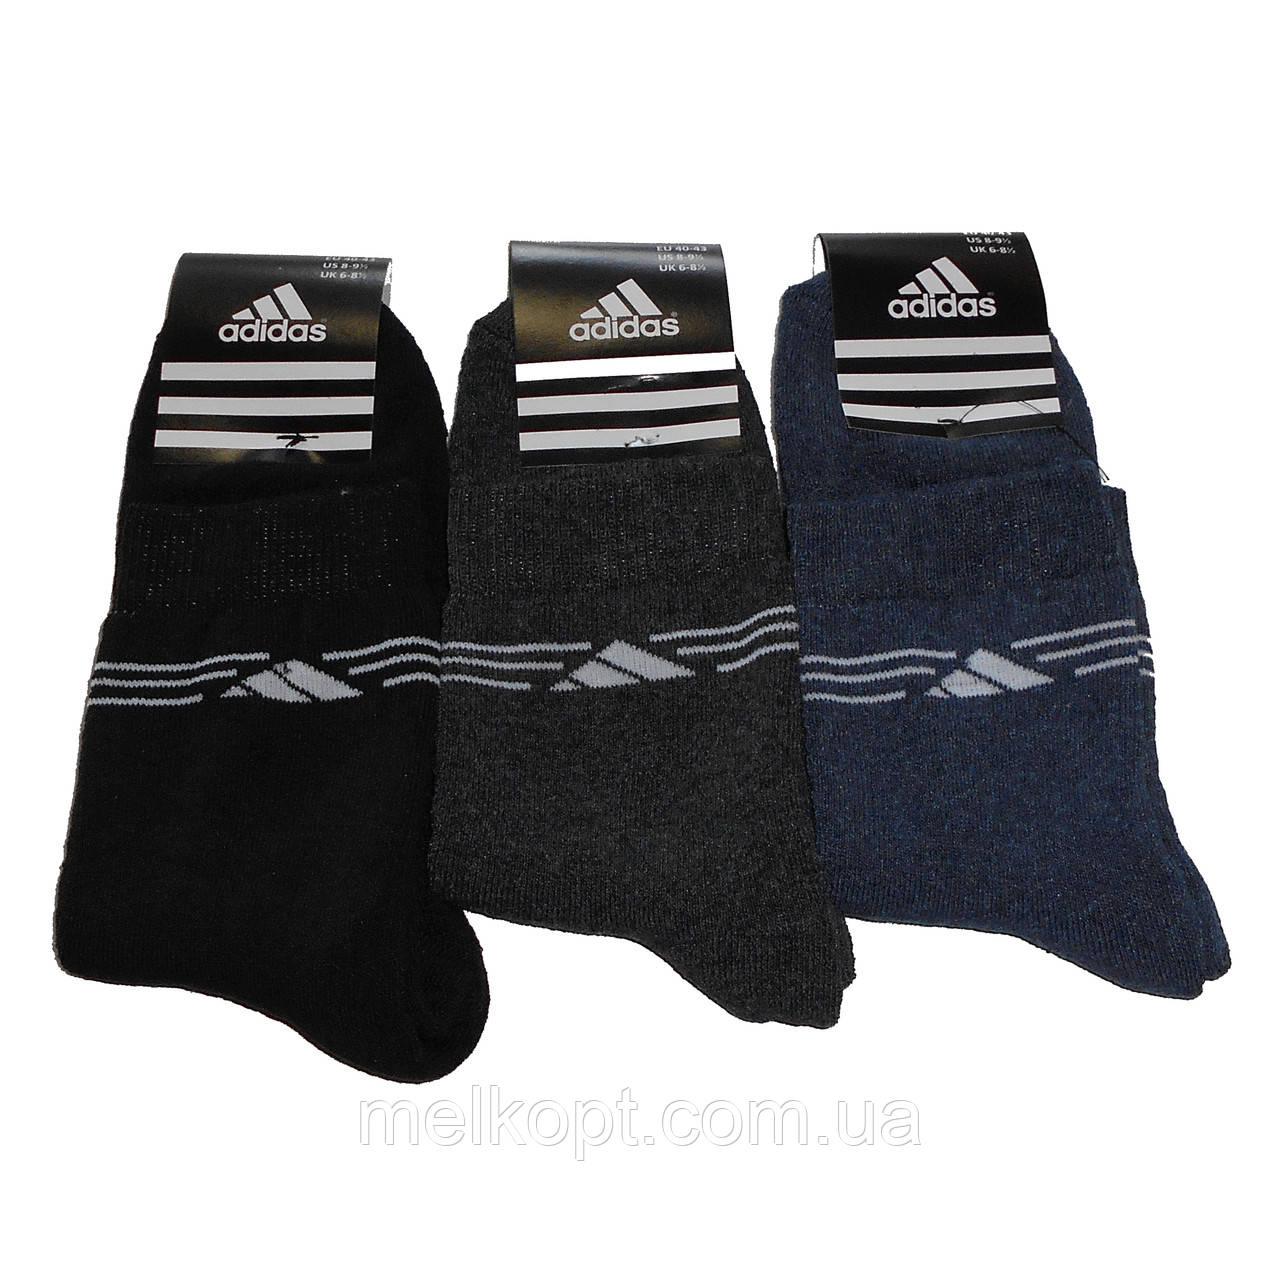 Мужские махровые носки с надписью Adidas - 12,00 грн./пара